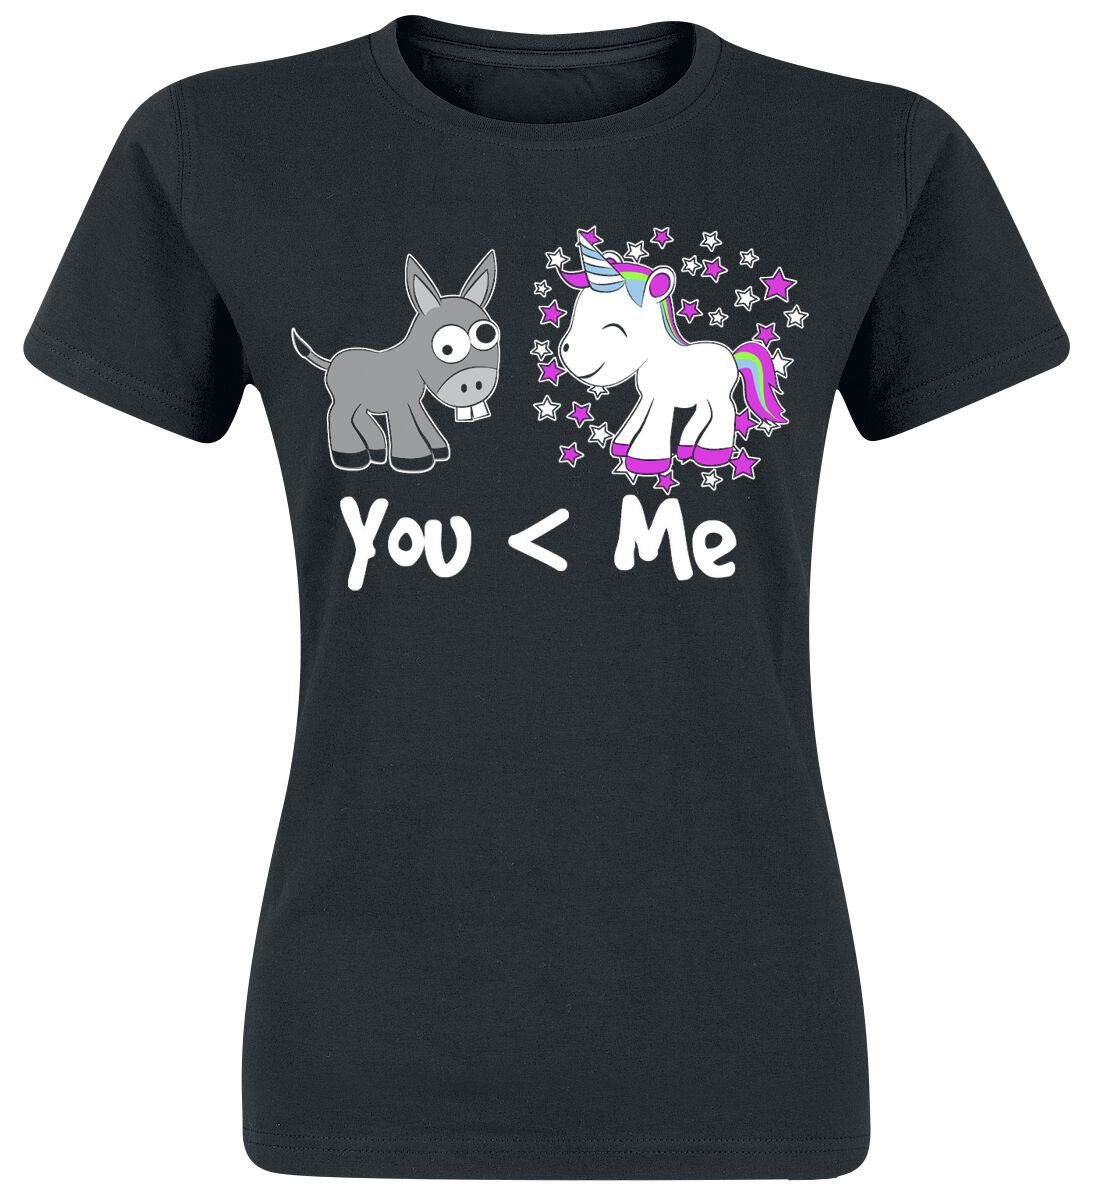 Jednorożec You And Me Koszulka damska czarny